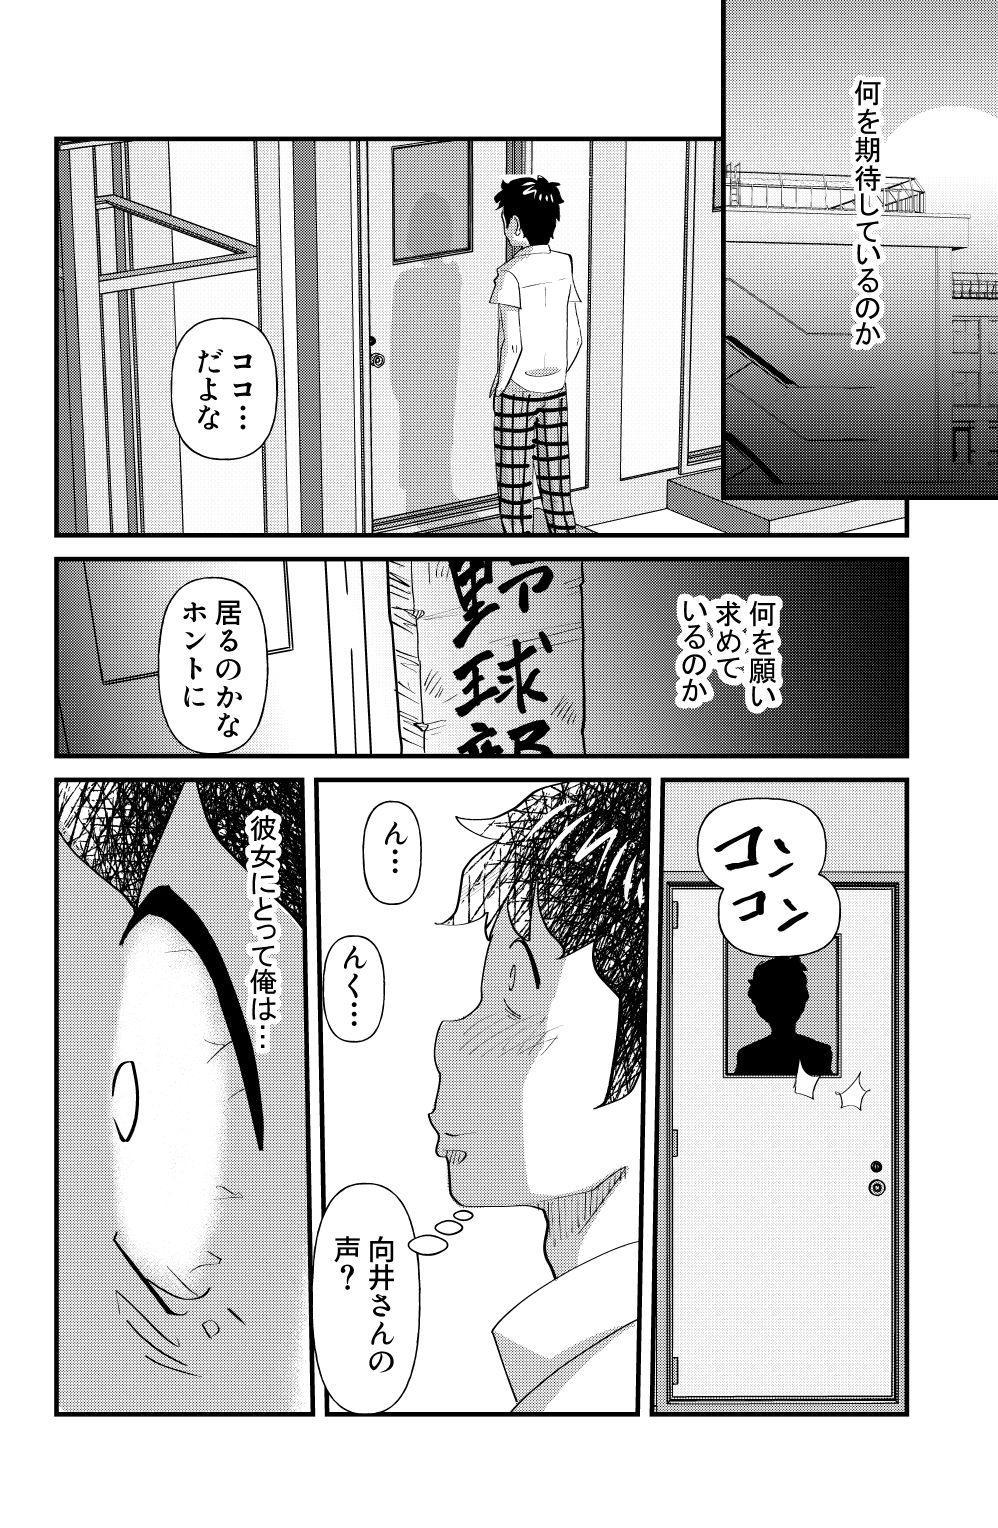 Otonashii-kei Joshi Mukai Honoka no Nichijou o Shitta Toki... 11